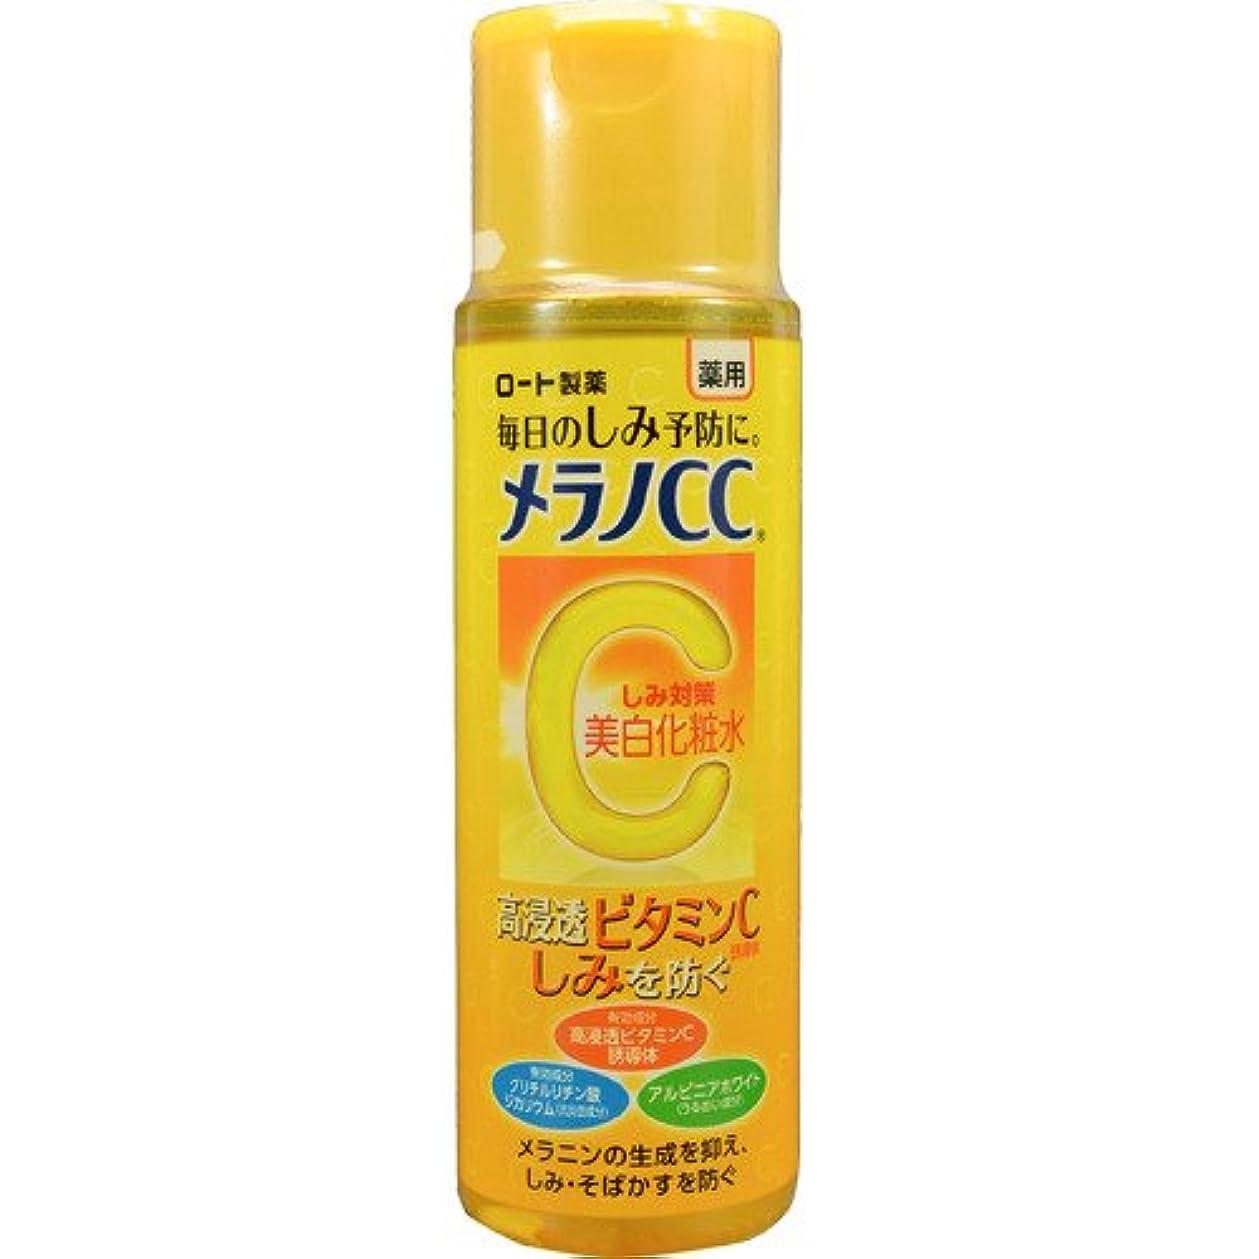 メラノCC 薬用しみ対策美白化粧水 × 3個セット